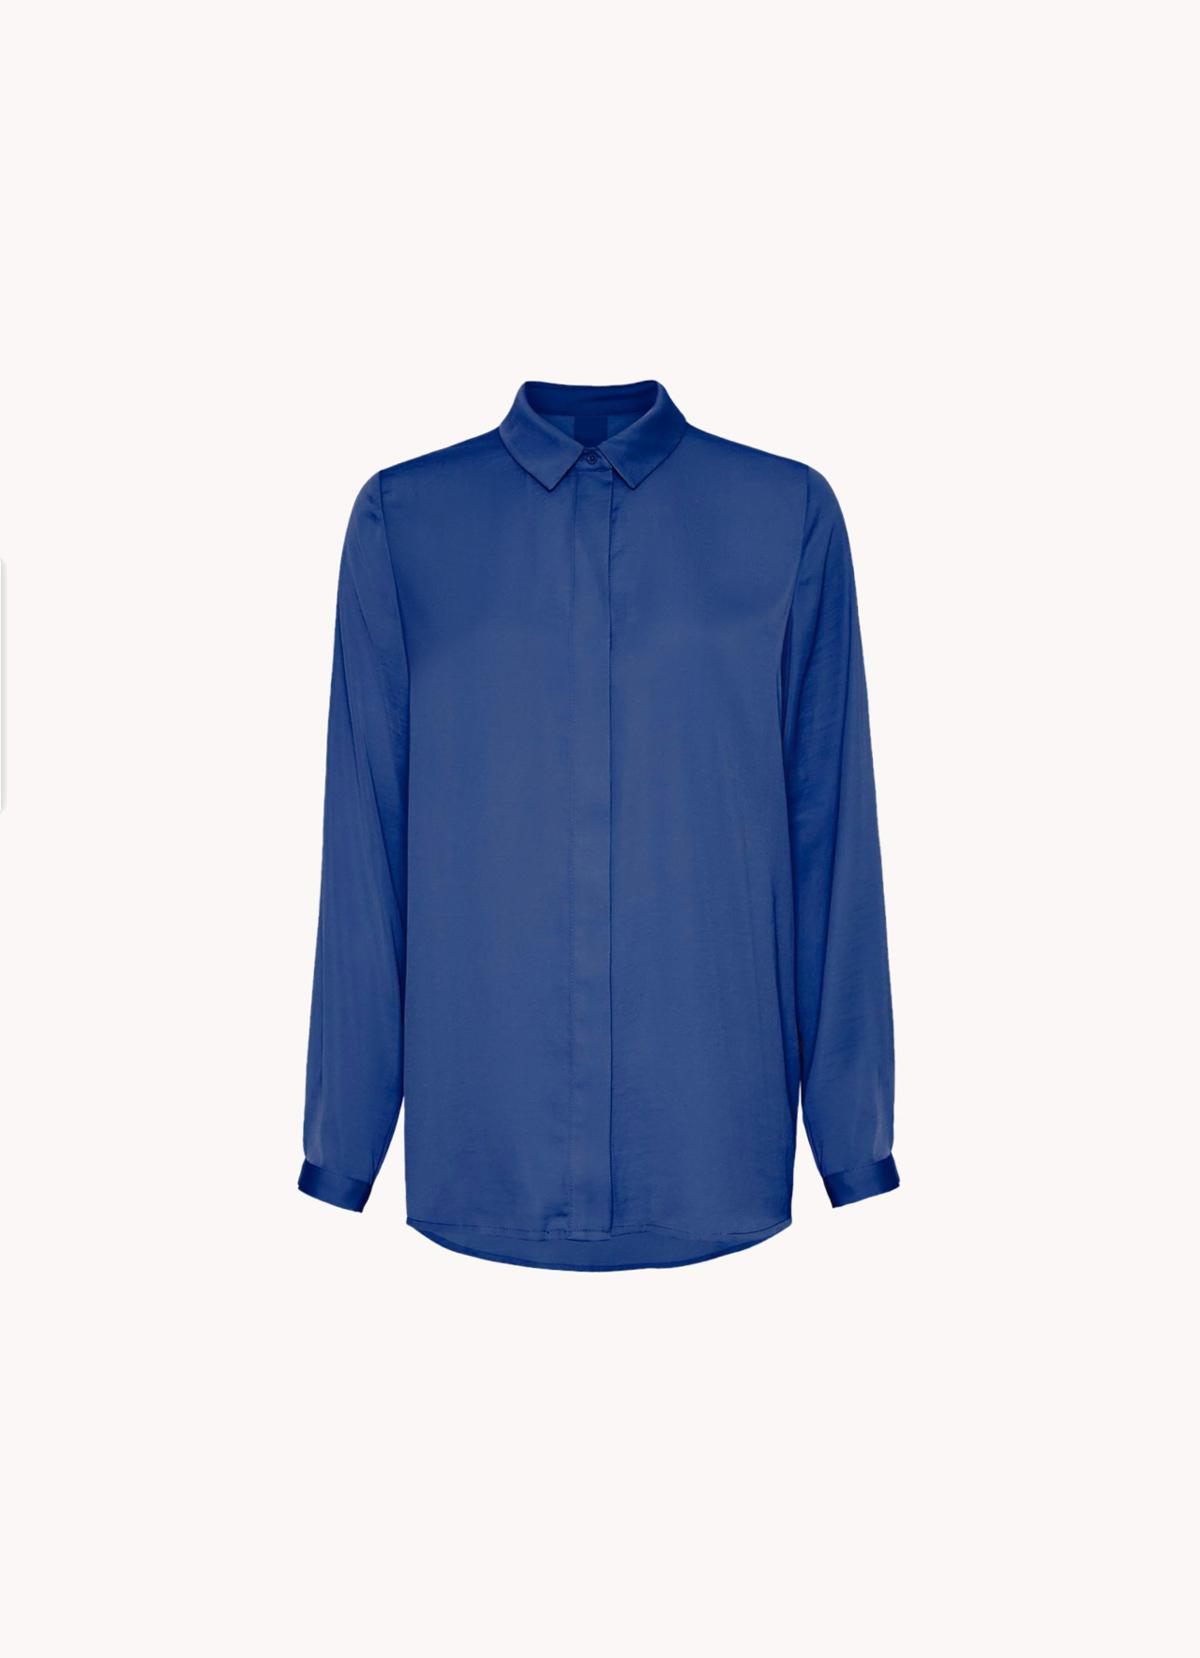 La blouse Classic Blue